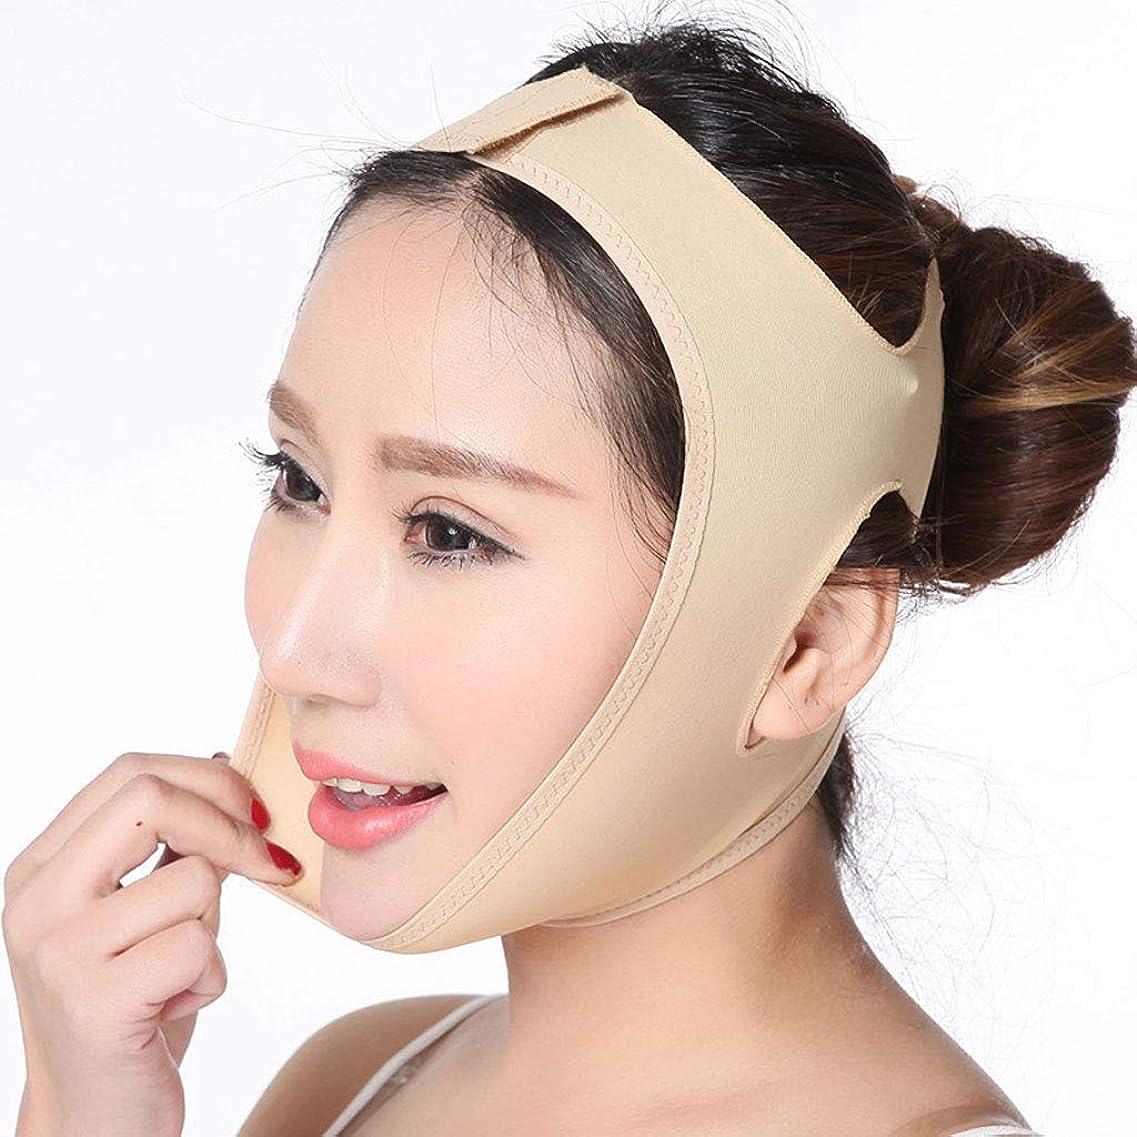 ではごきげんようクレタスキャンダルフェイスリフティング包帯、スリムマスク頬紅顔/痩身包帯をスリミング睡眠とV顔は、二重あご通気性、肌を減らす (XXL)